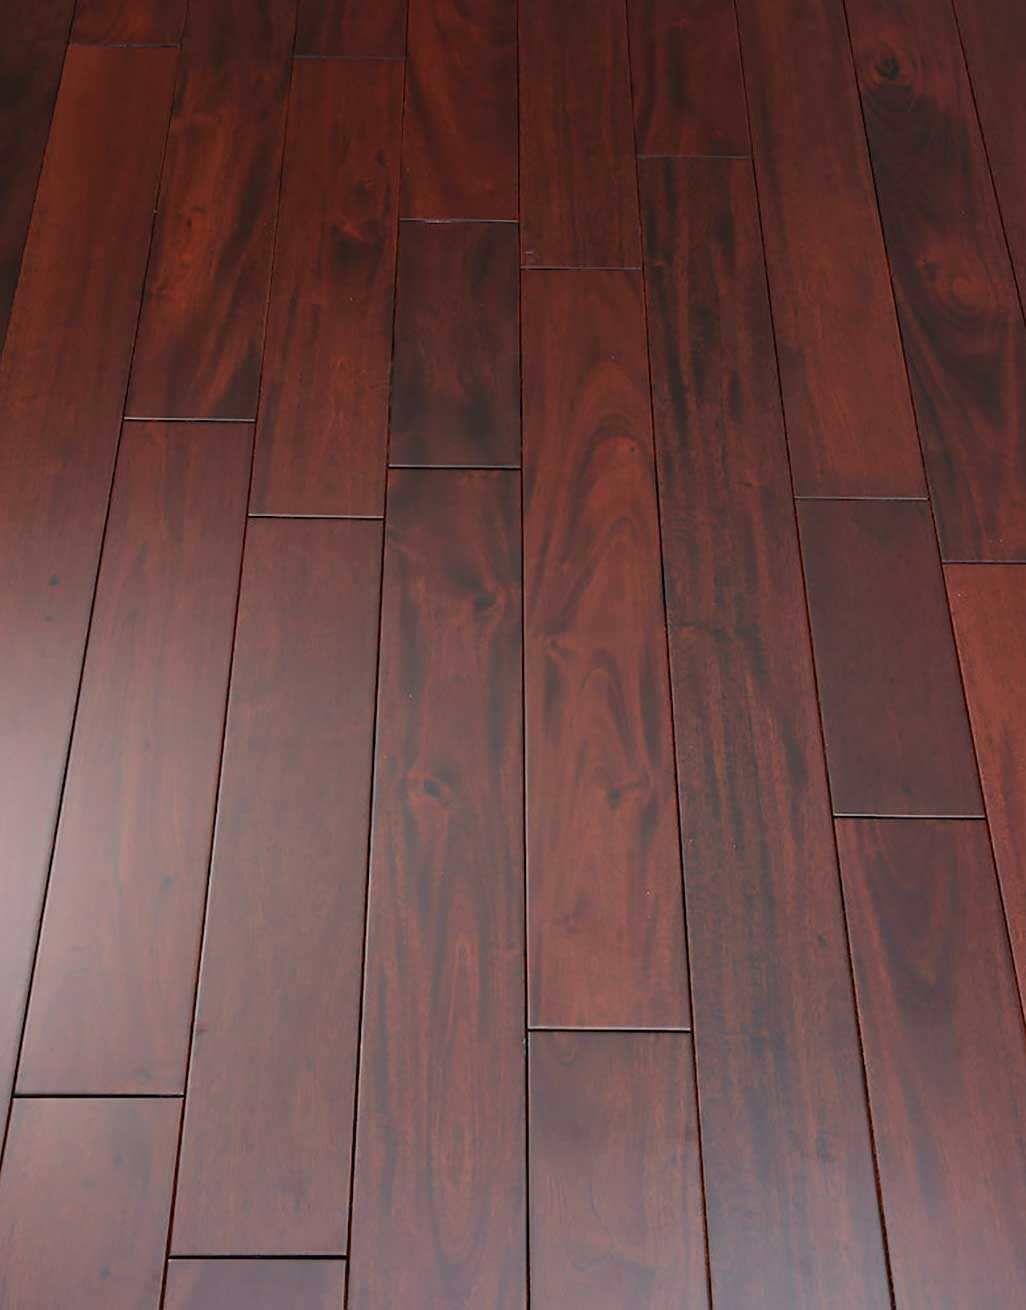 Royal Mahogany Narrow Solid Wood Flooring | Direct Wood ...